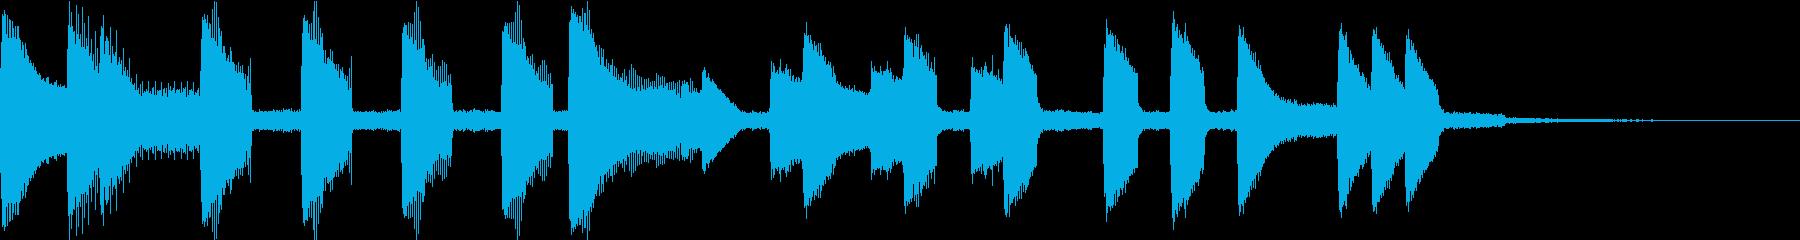 カジュアルめの残念ゲームオーバーの再生済みの波形